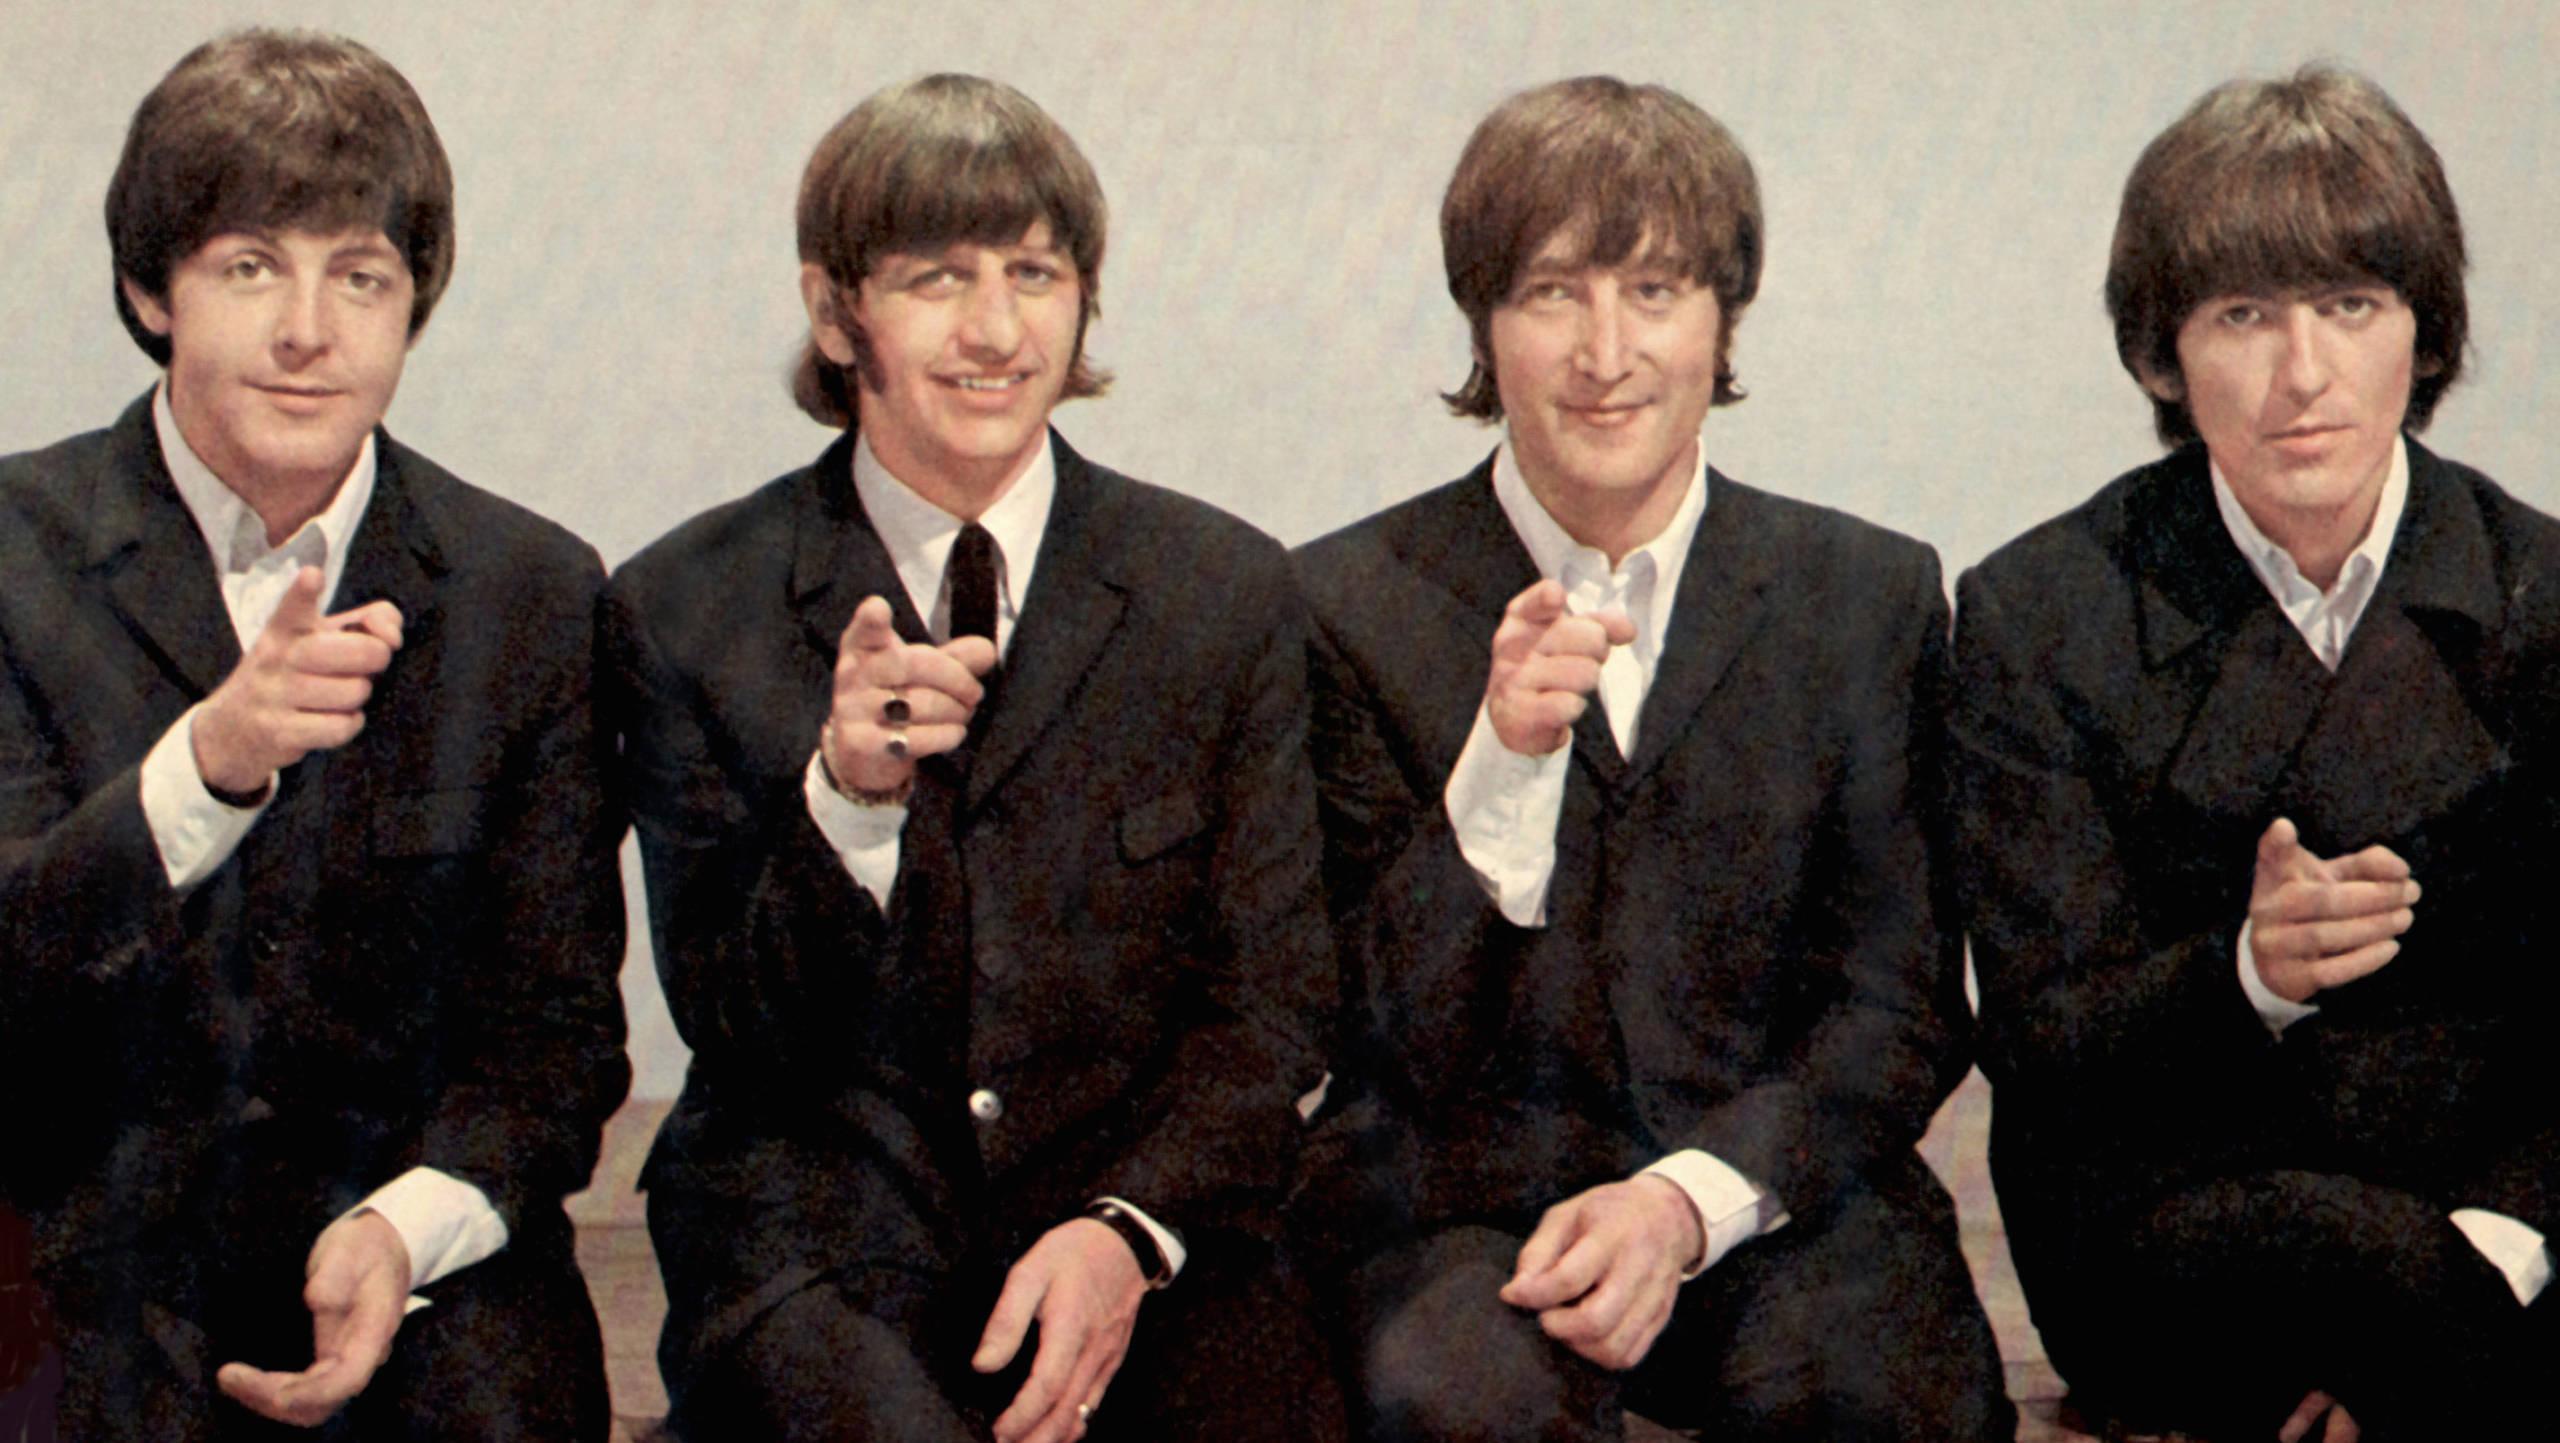 Wie-es-dazu-kam-dass-die-Beatles-zum-ersten-Mal-Marihuana-rauchten